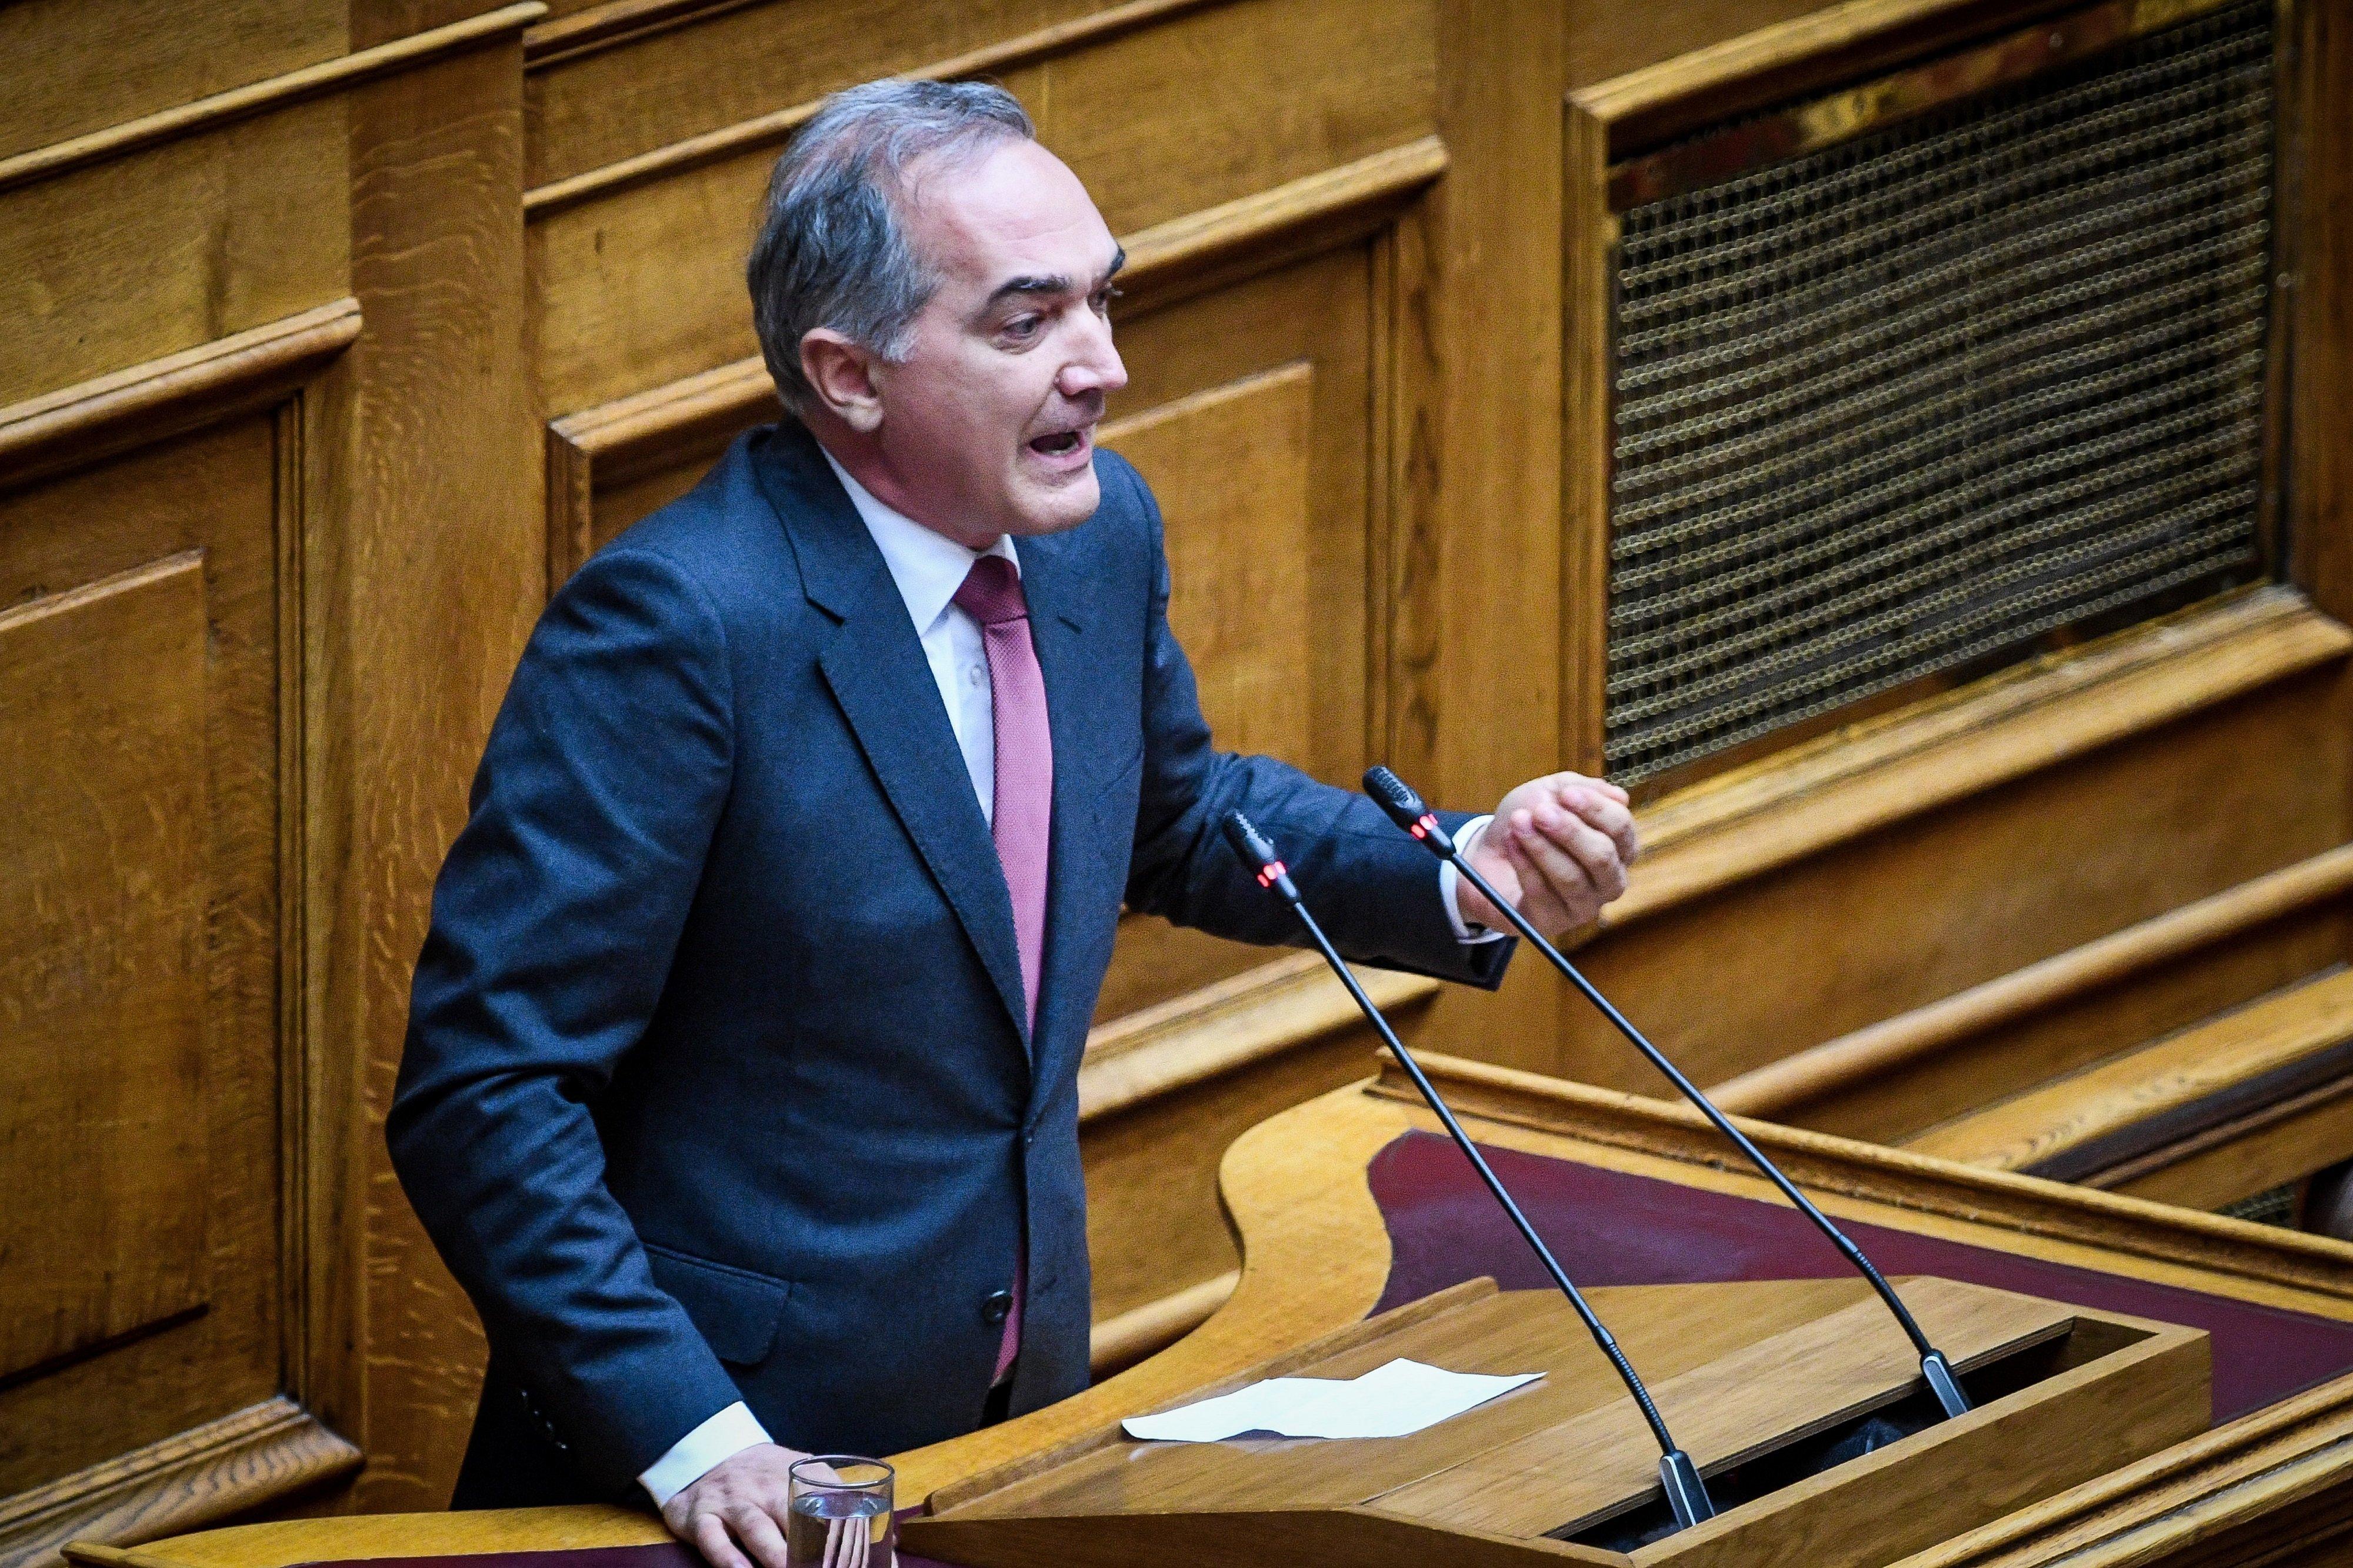 Αίτημα για άρση ασυλίας του Μάριου Σαλμά στη Βουλή - Κατηγορίες για κακούργημα